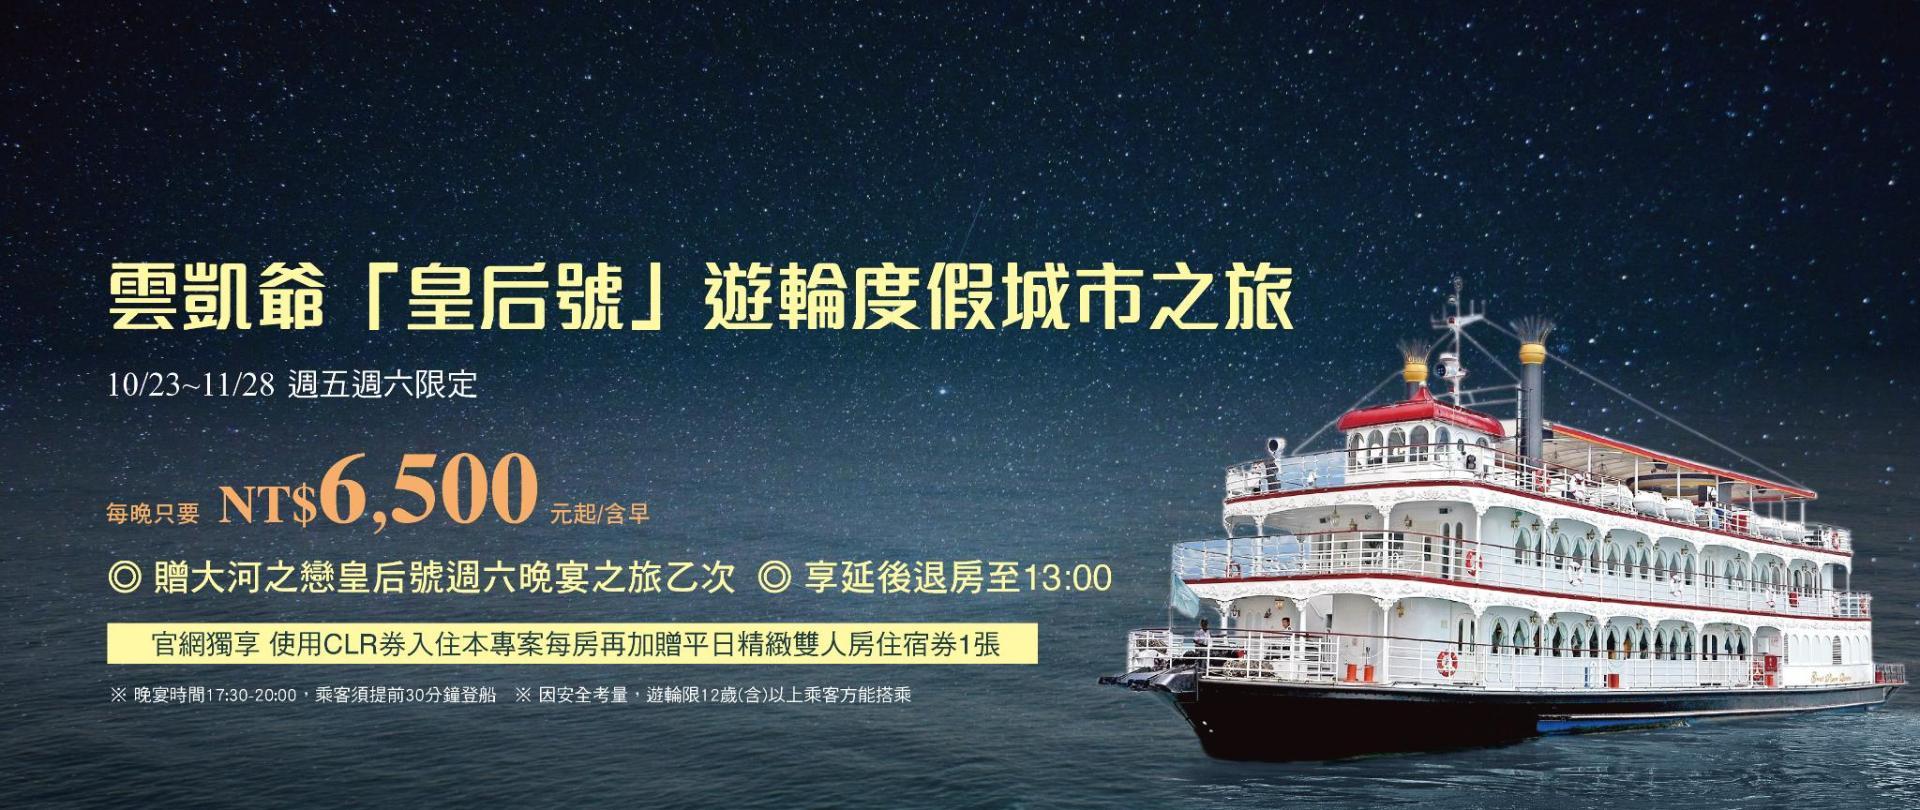 官網Slide-Show4000X1688_CLR遊輪之旅住房專案A (2).jpg